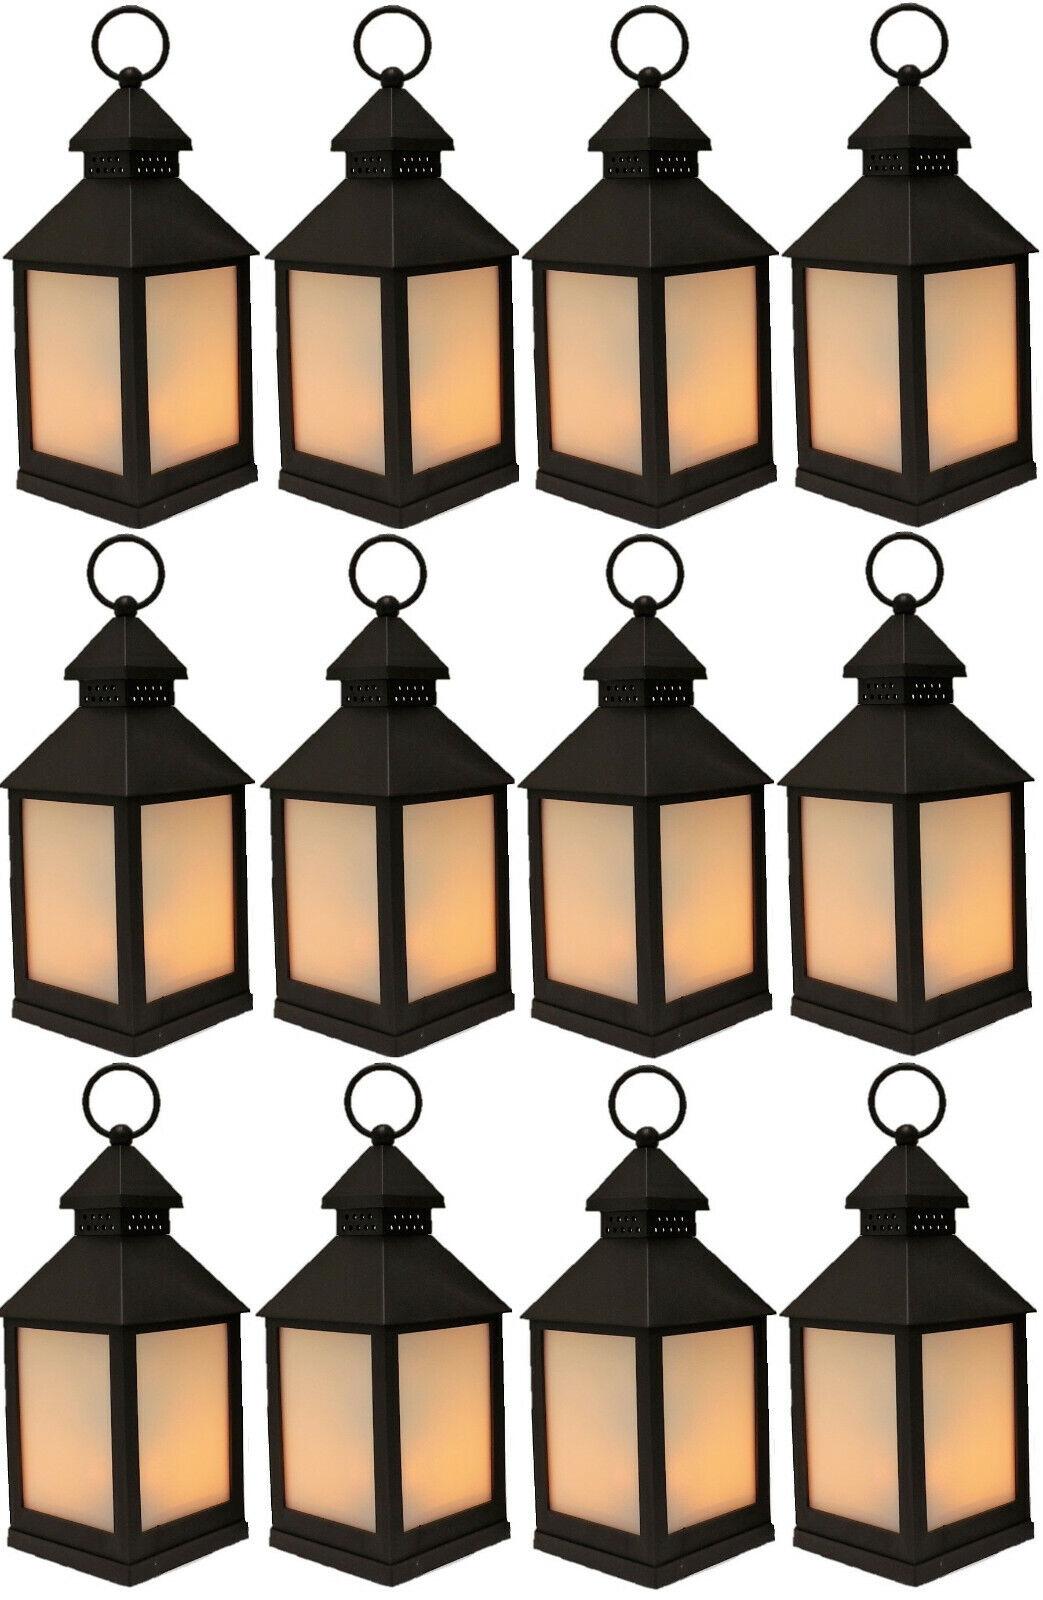 12x LED Laterne mit FlamSieeffekt flackerndes Licht Lampe